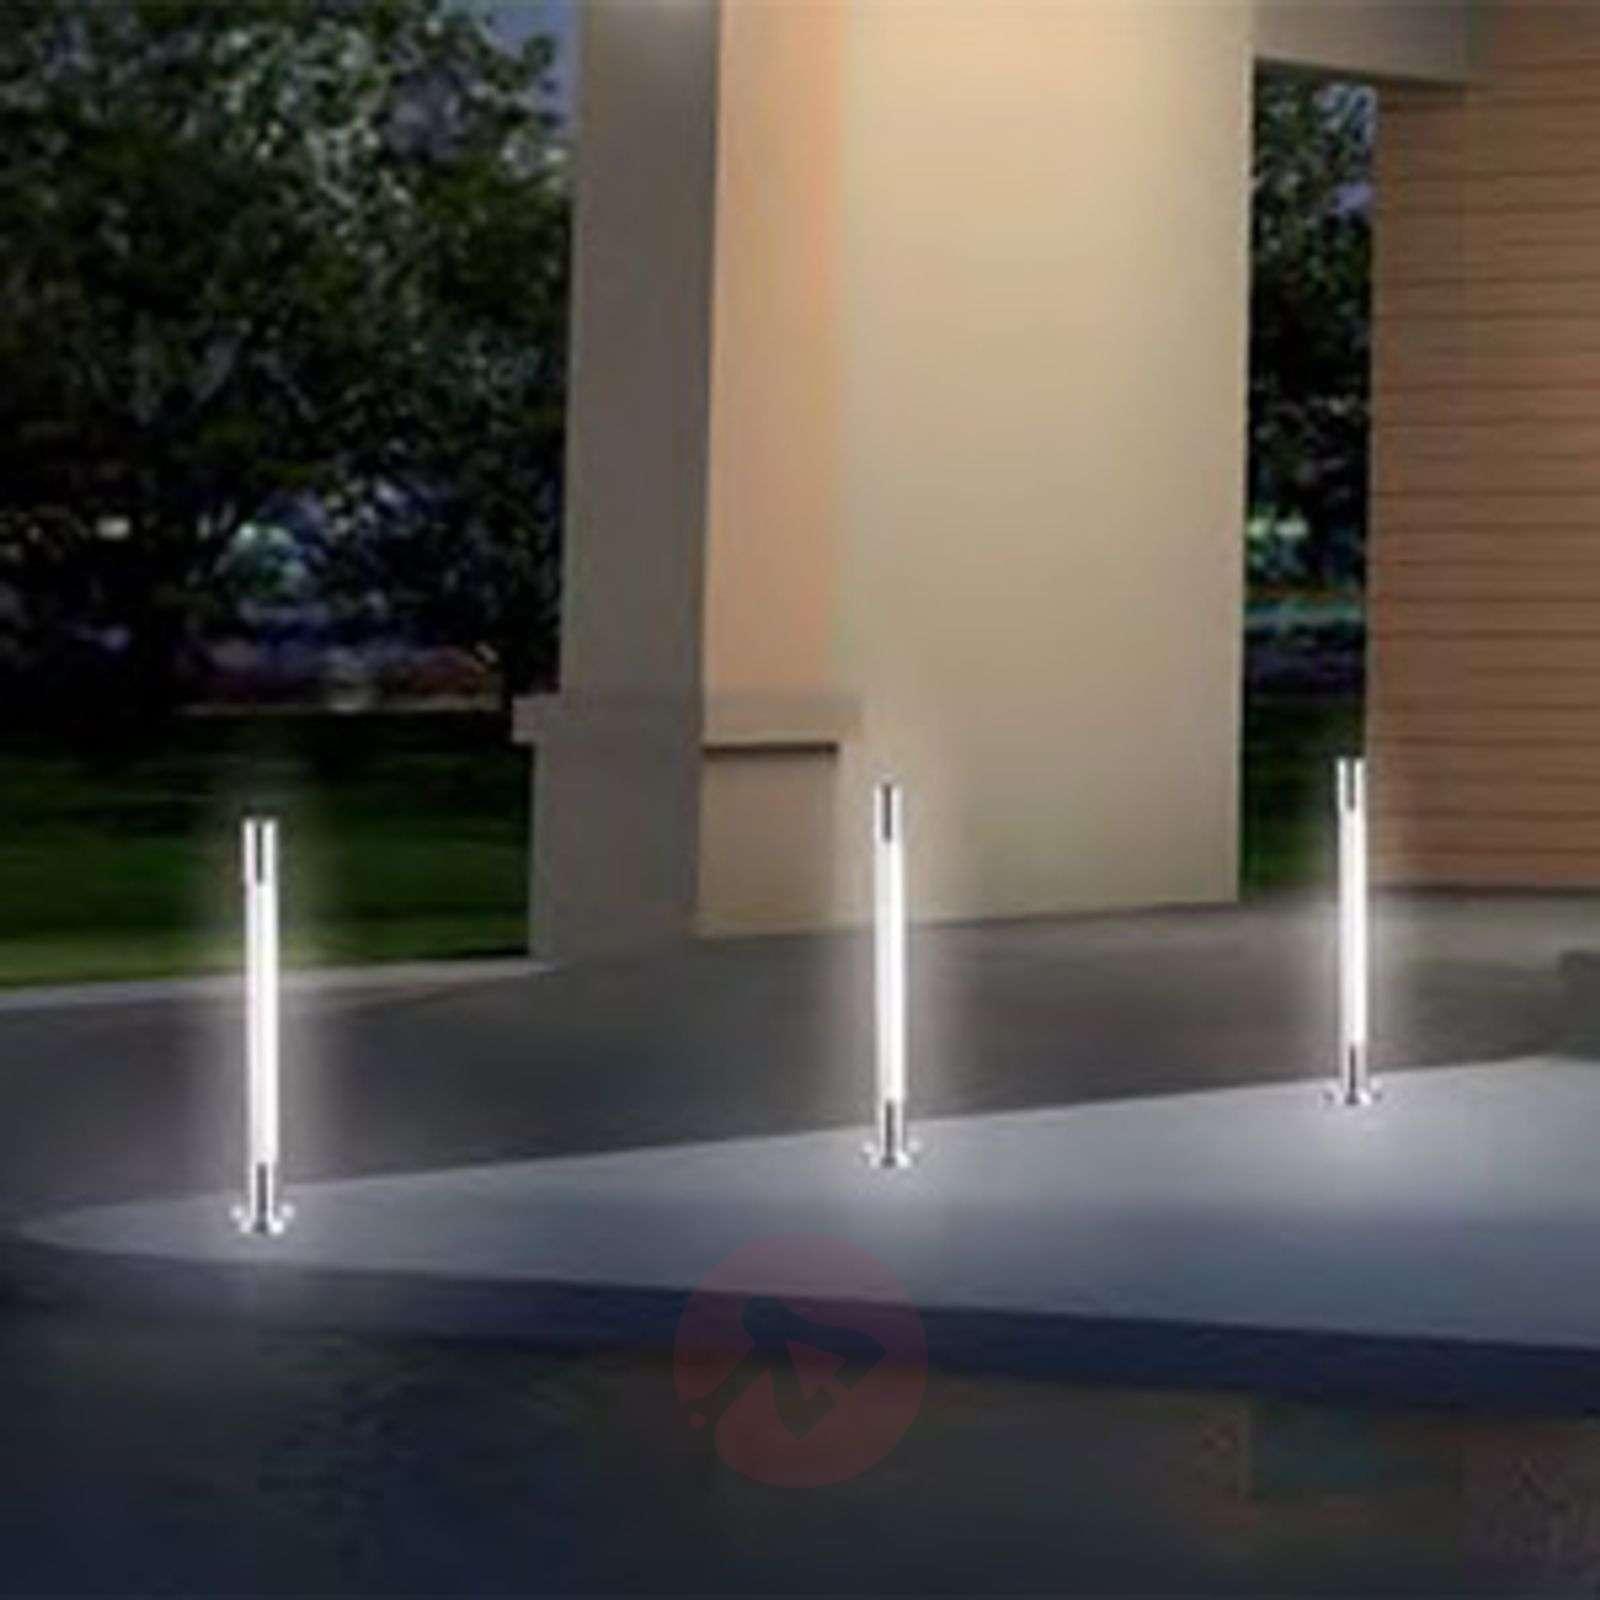 LED-tolppavalaisin Salerno-Set S, 3 kpl:n setti-7518029-02